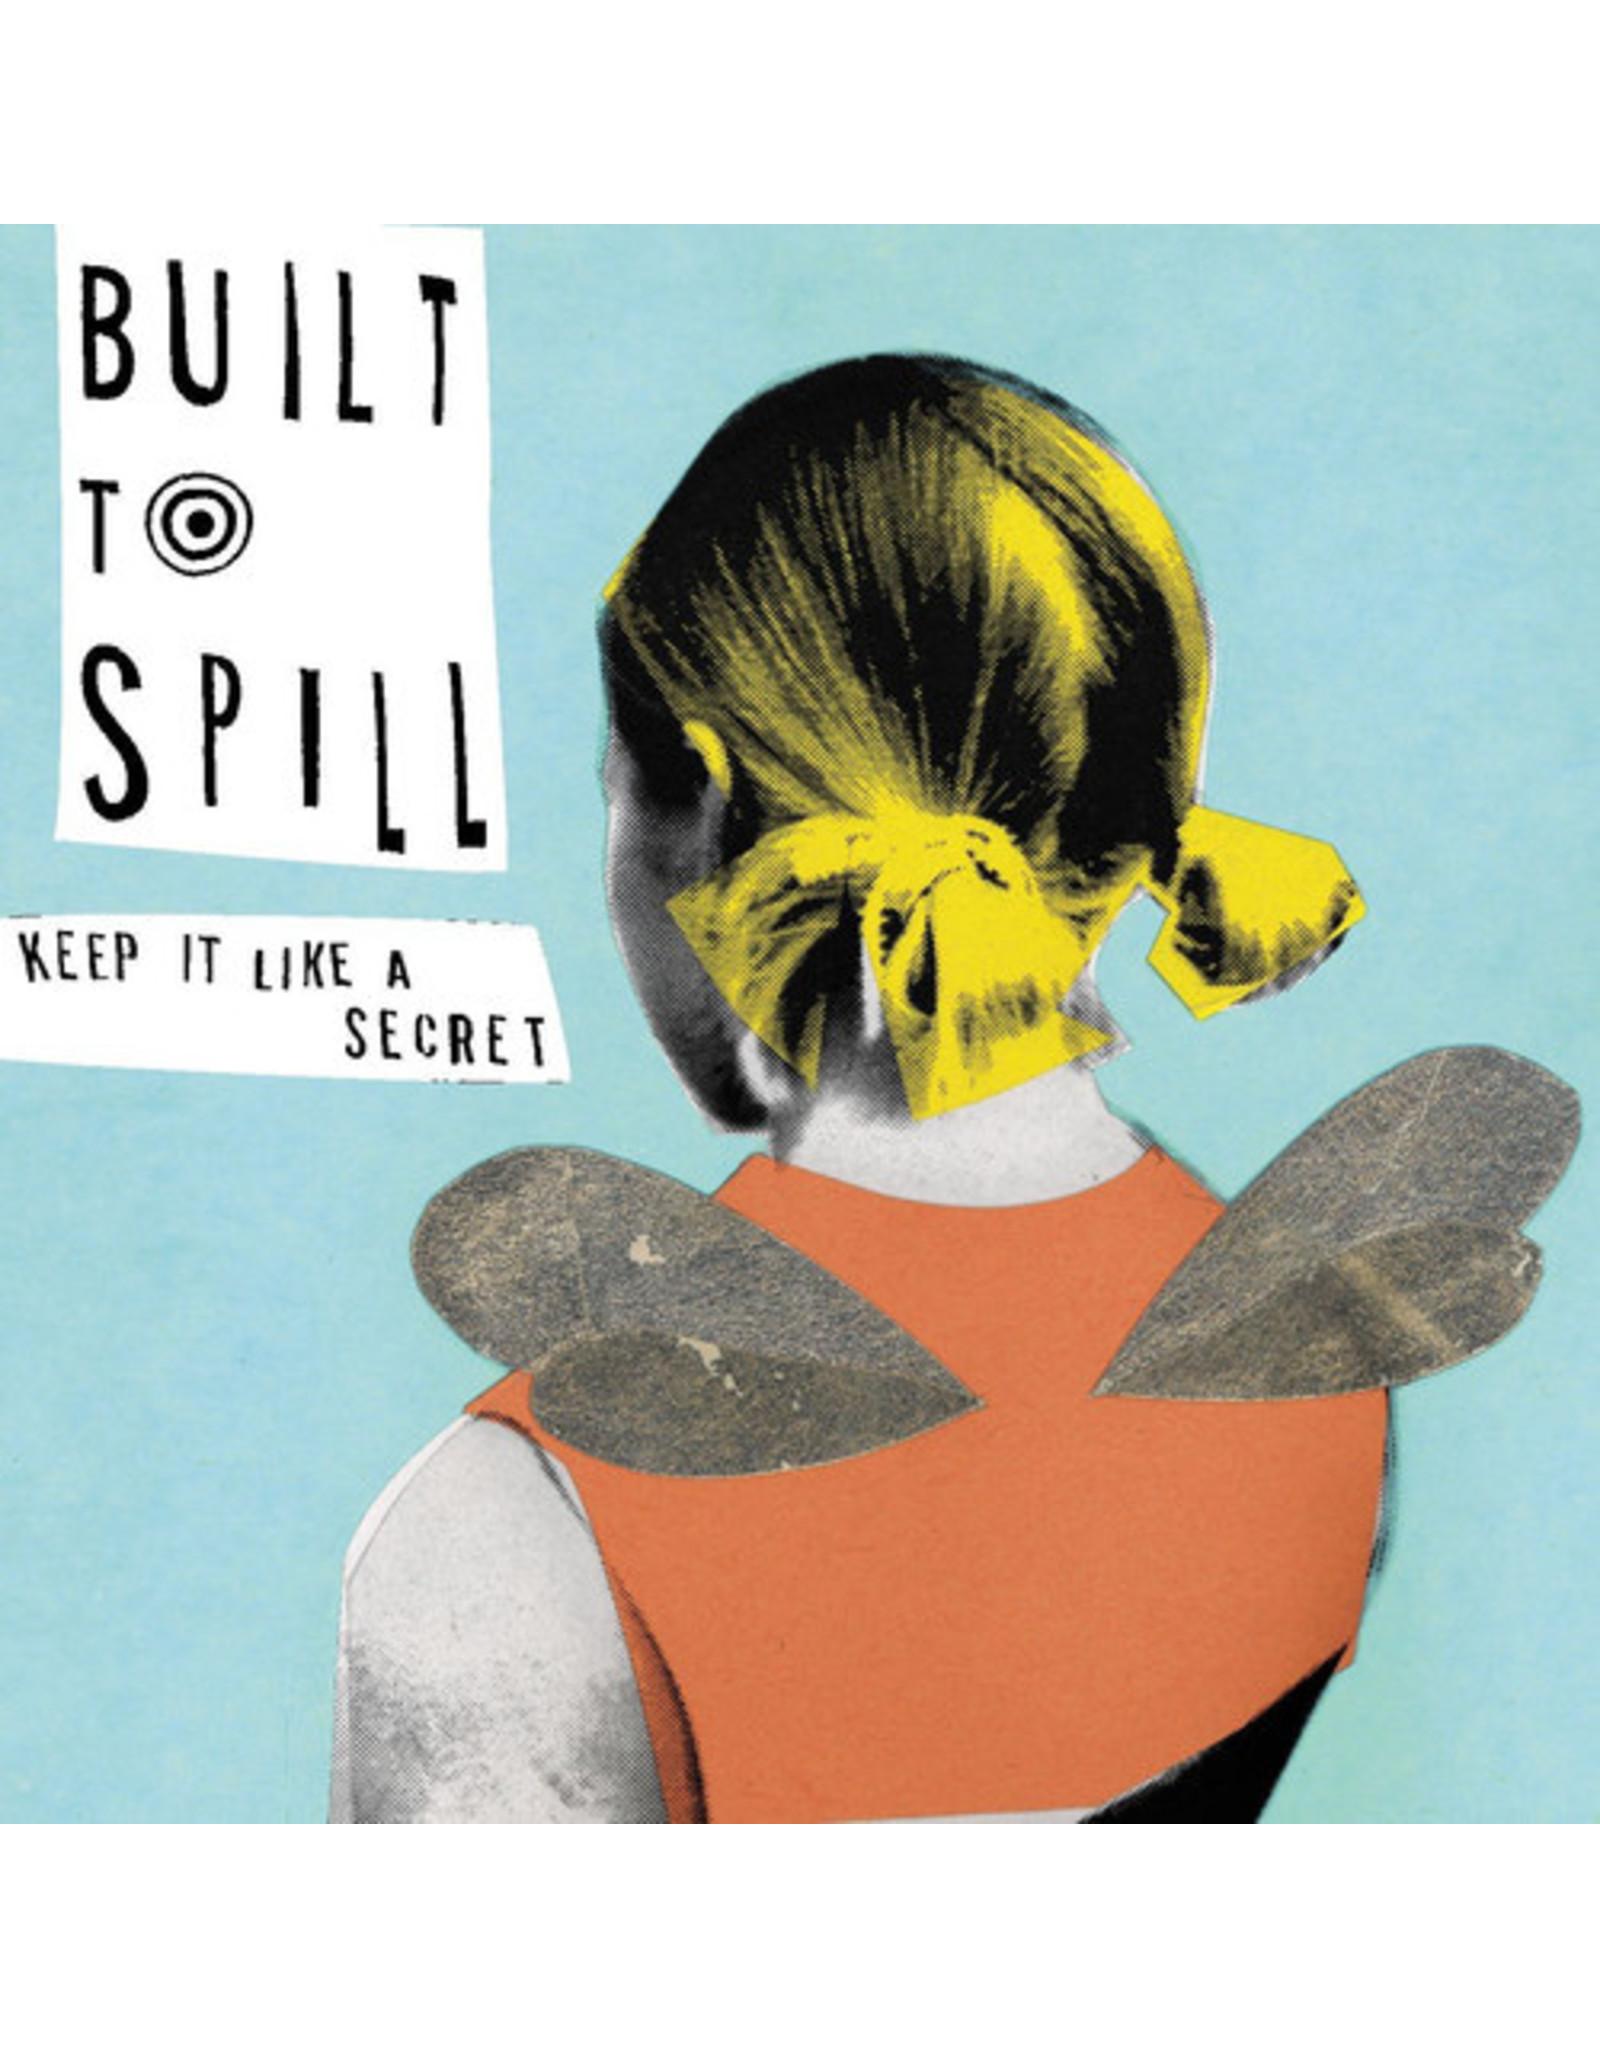 New Vinyl Built To Spill - Keep It Like A Secret LP